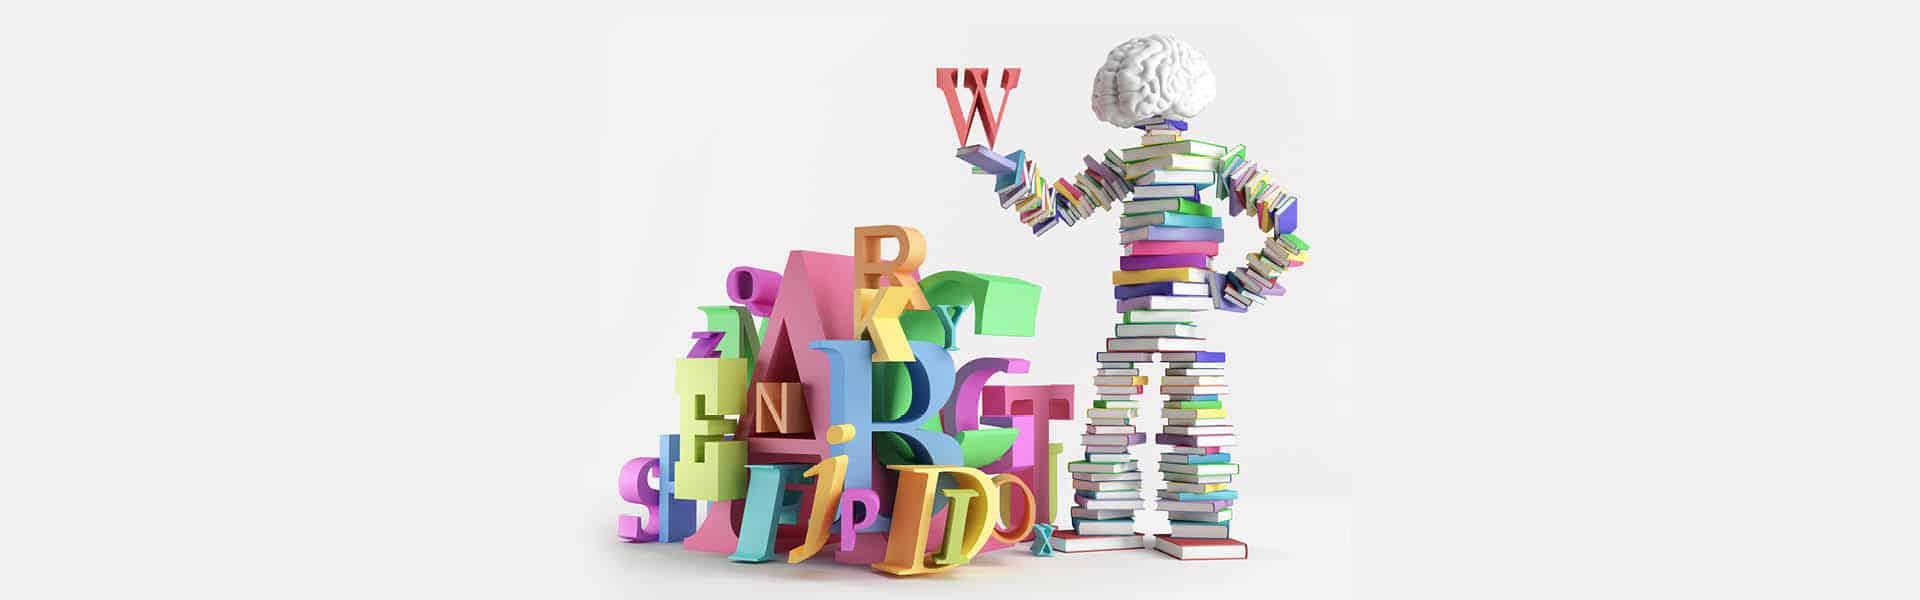 Skole og undervisning